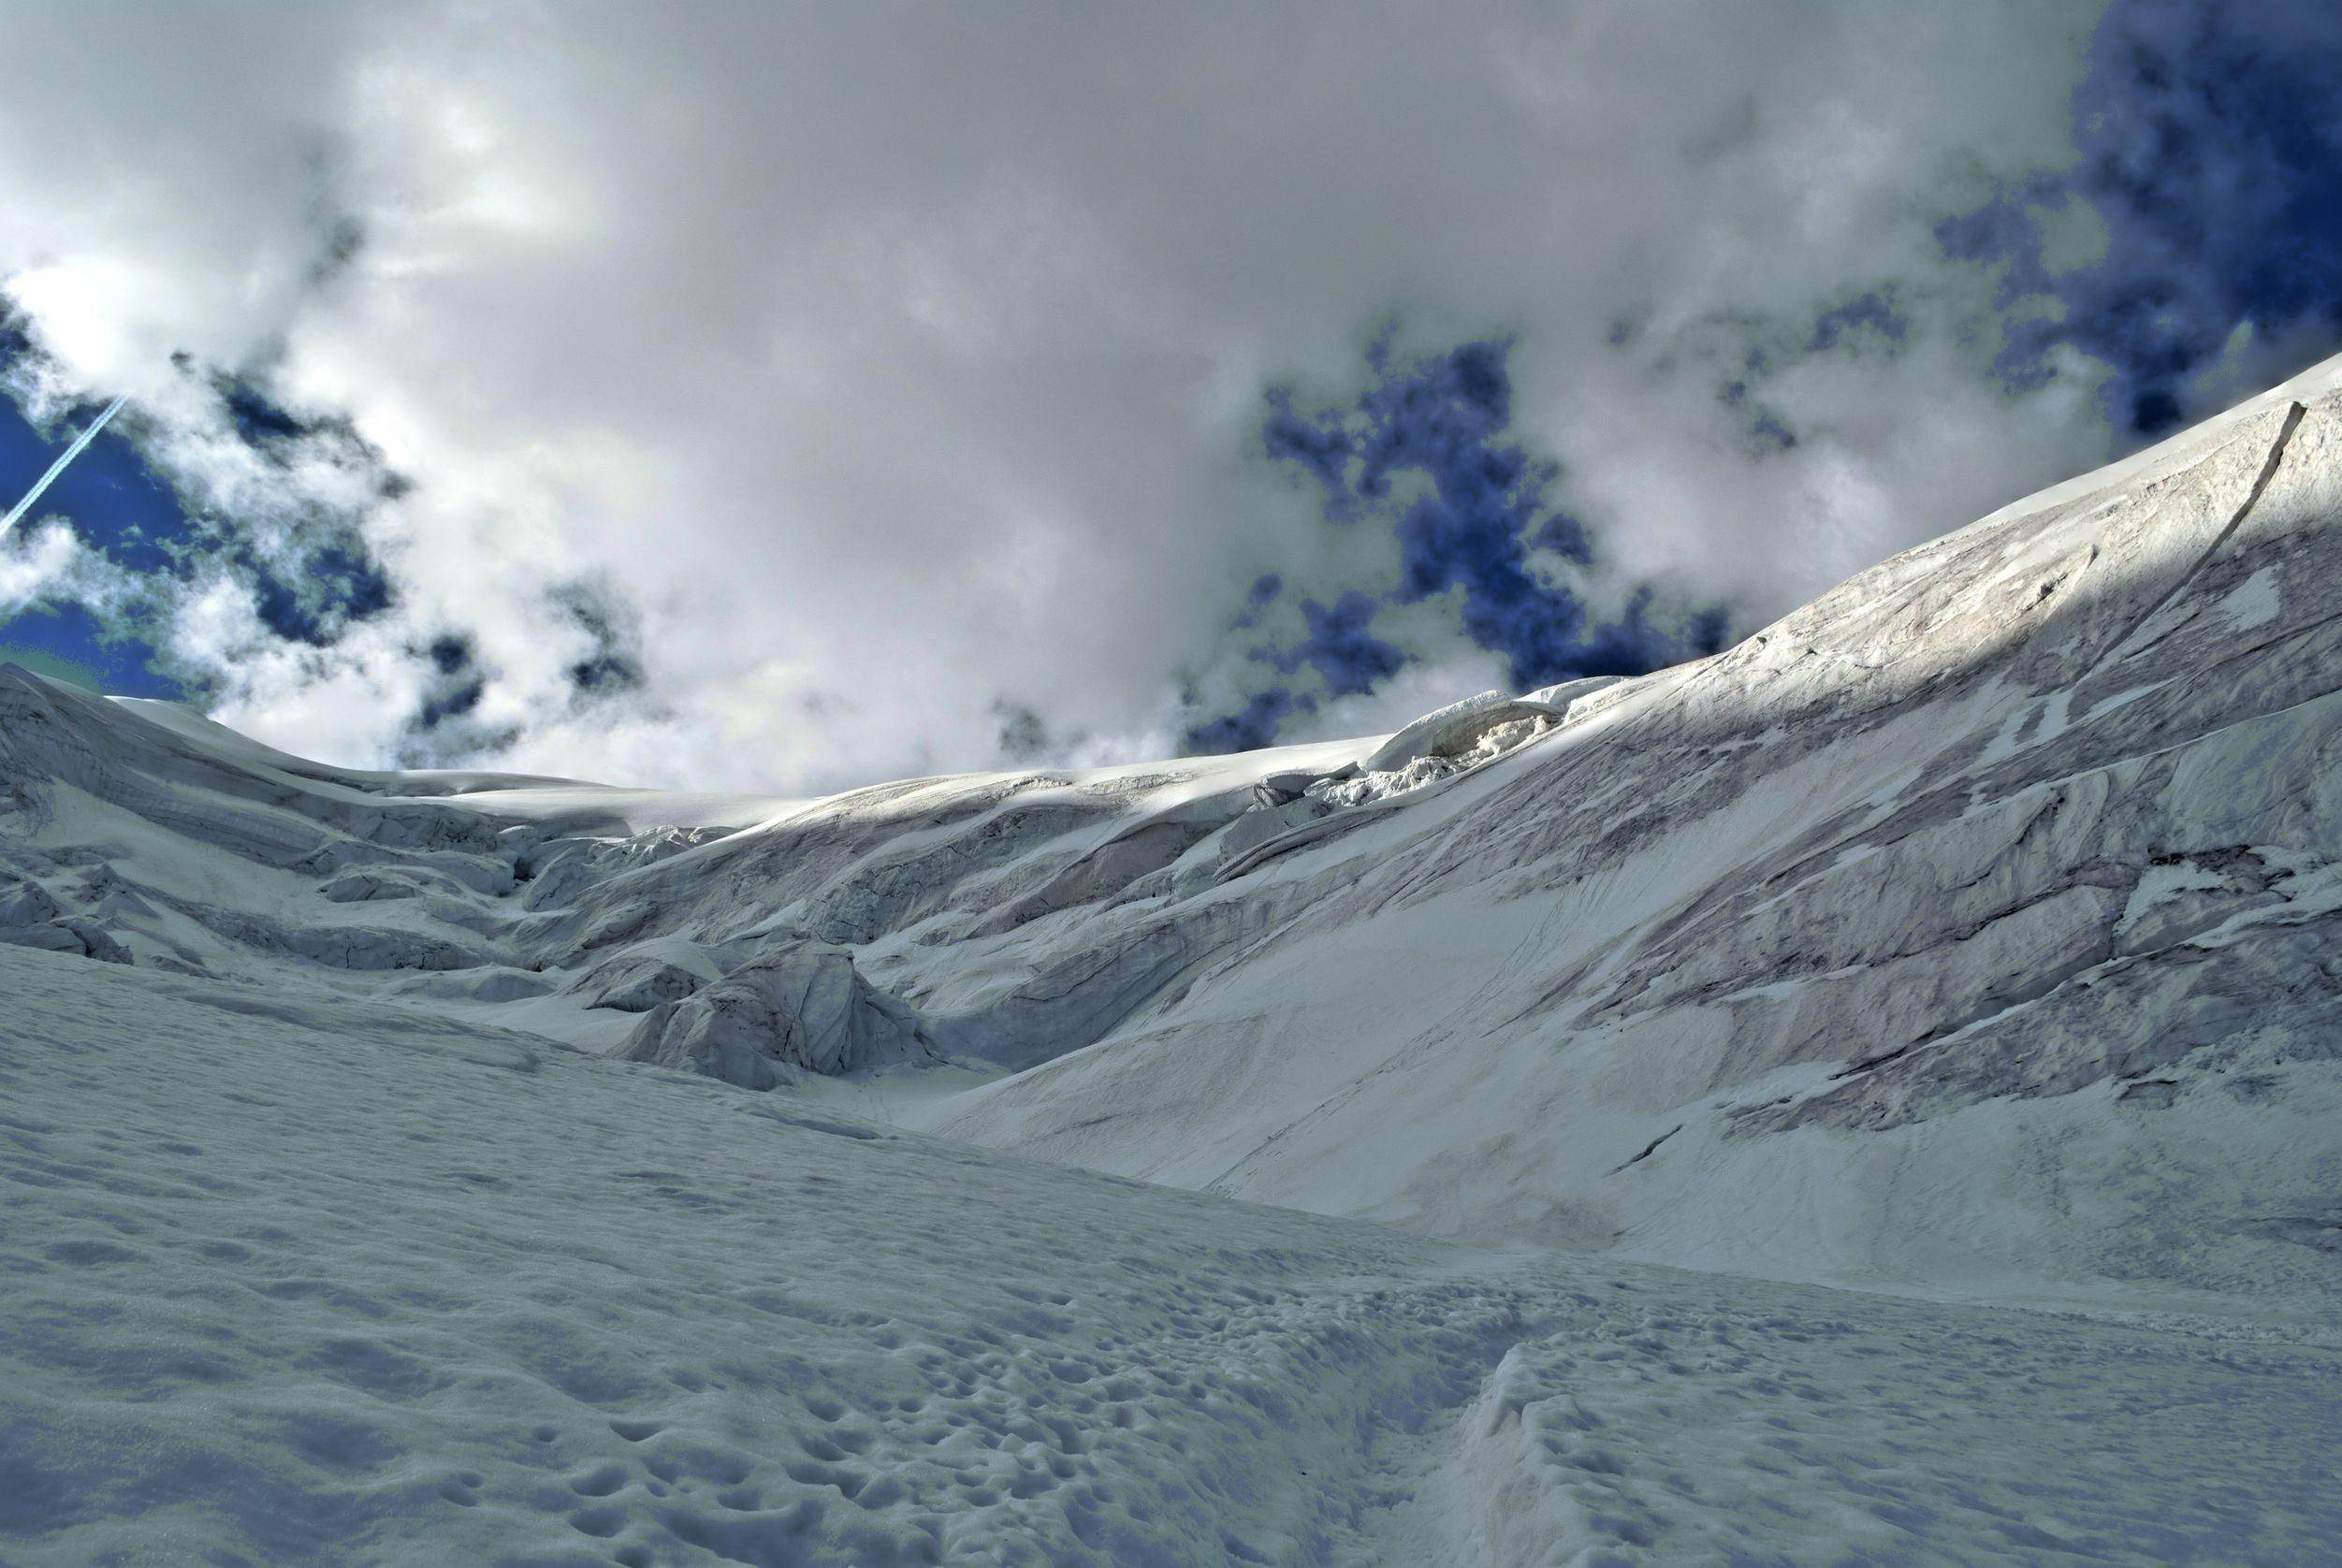 Risc mare de avalanşe la altitudini de peste 1.800 m; turiştii rugaţi să nu se aventureze pe trasee